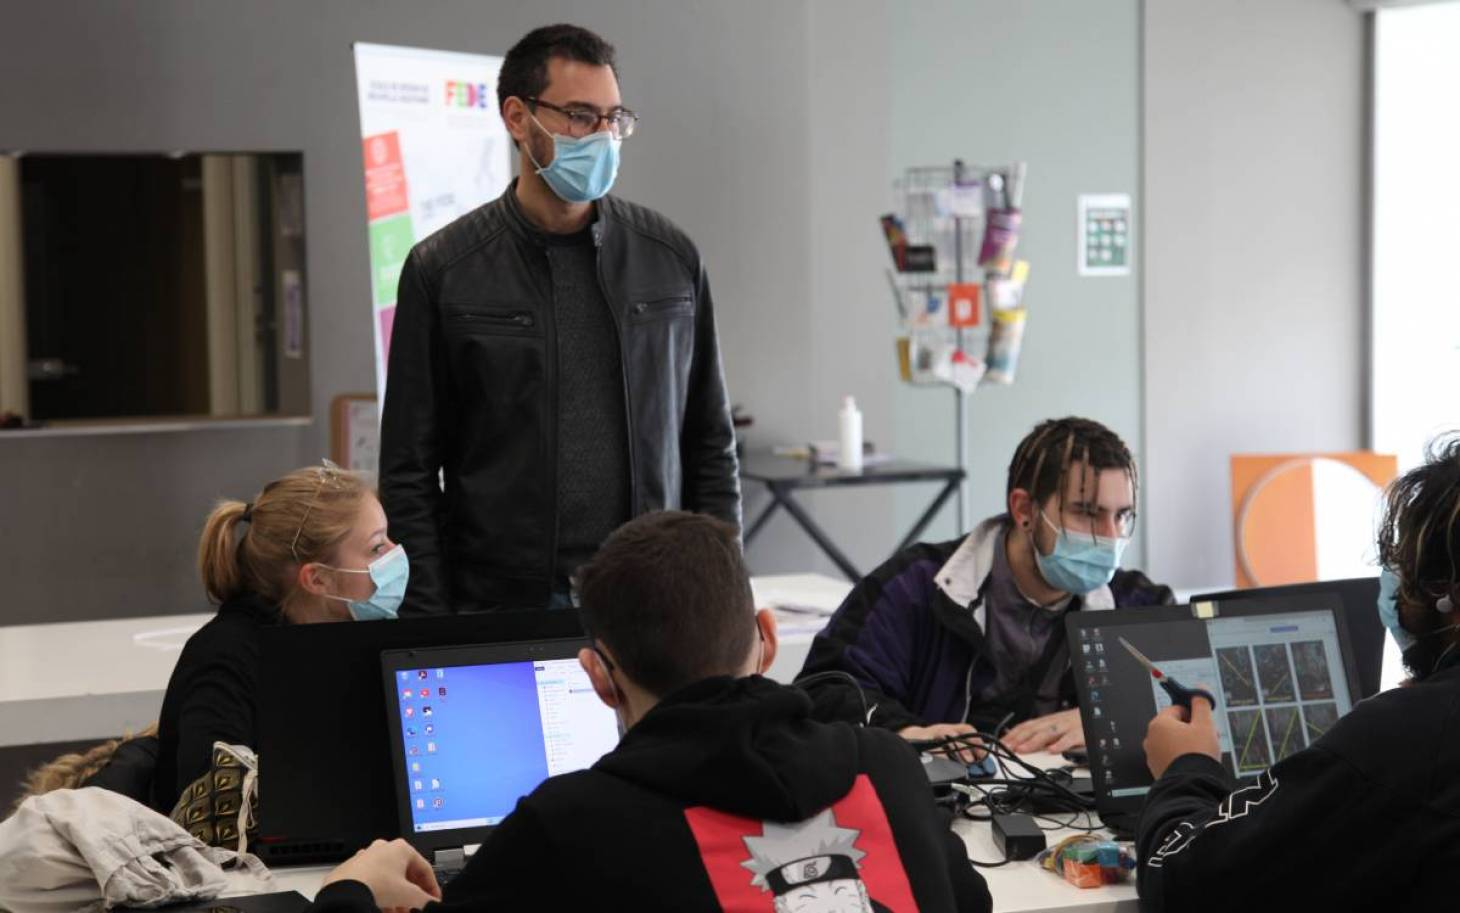 L'Ecole de design de Nouvelle-Aquitaine se prend au jeu